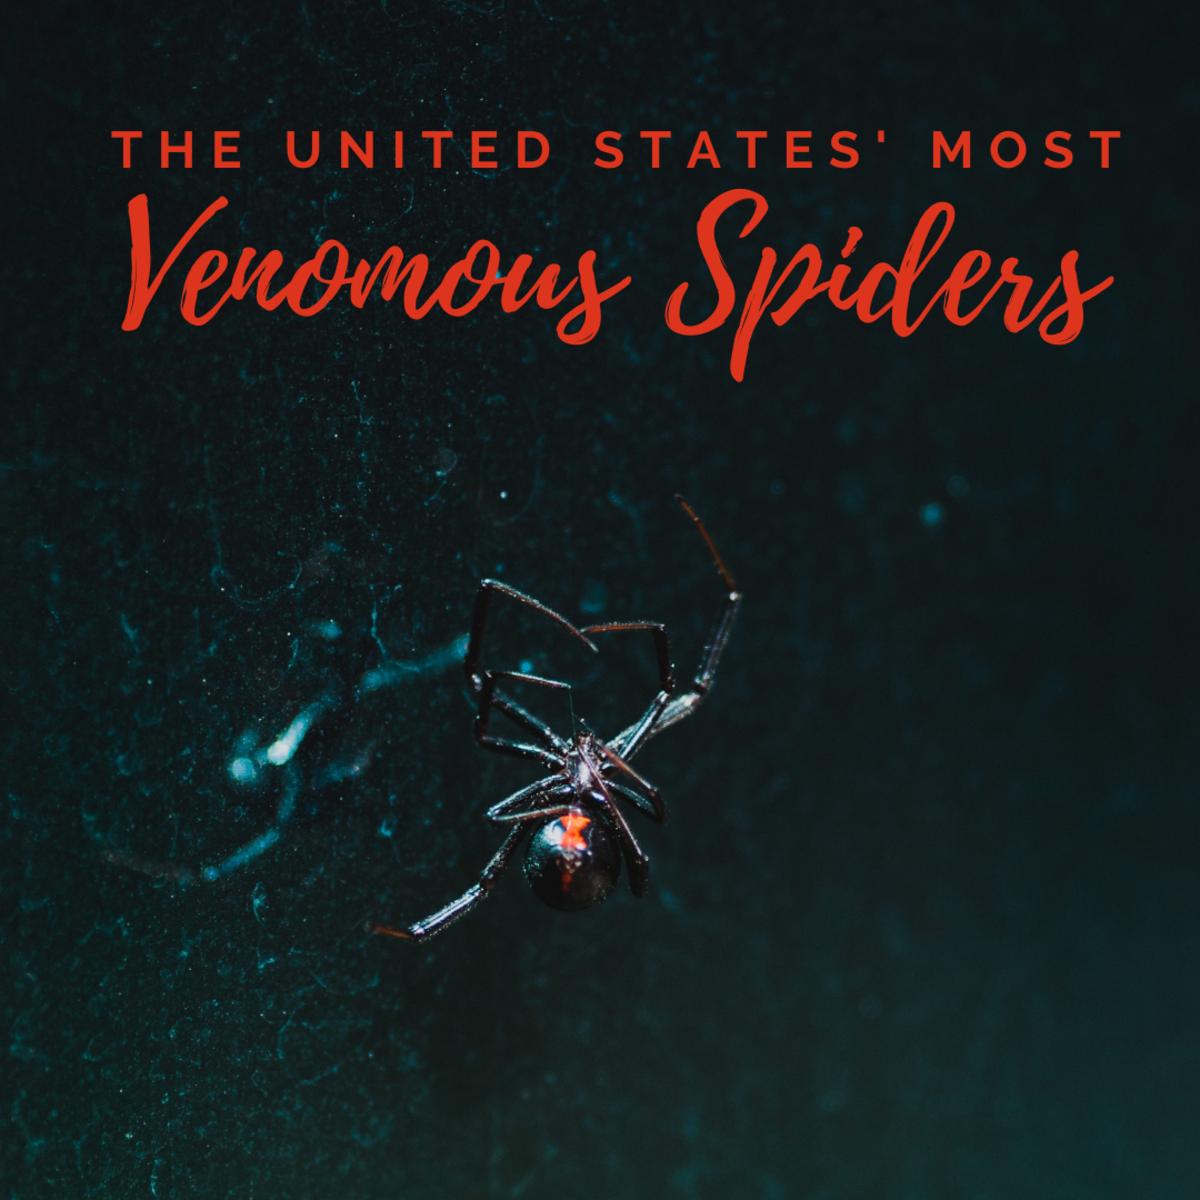 U.S. Venomous Spiders: Black Widow, Brown Recluse, & Hobo